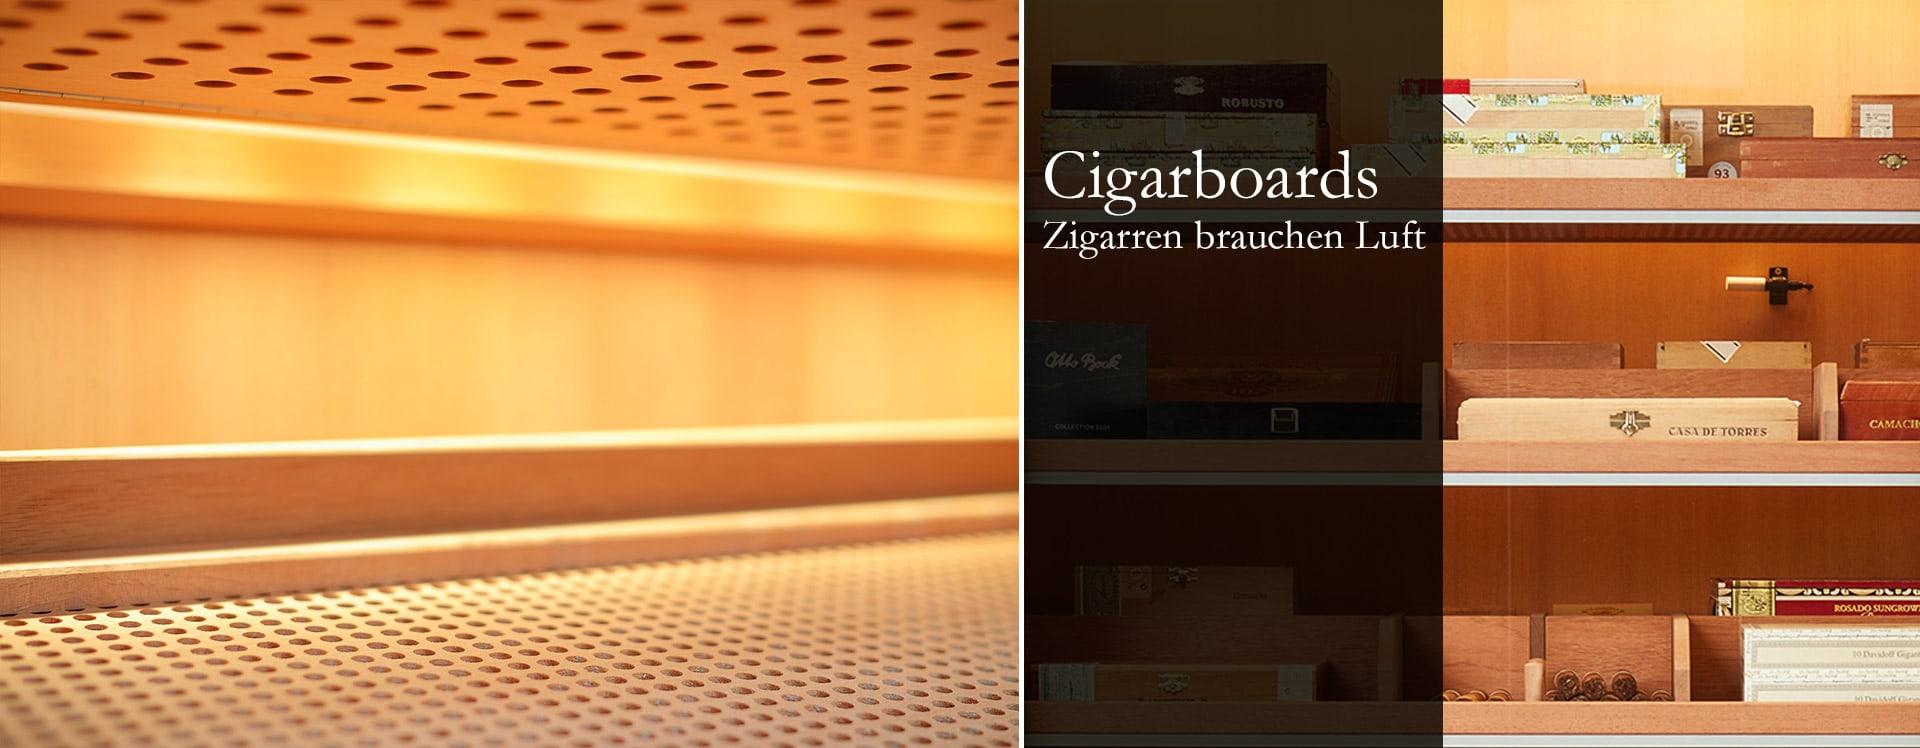 GERBER Humidor Cigarboards